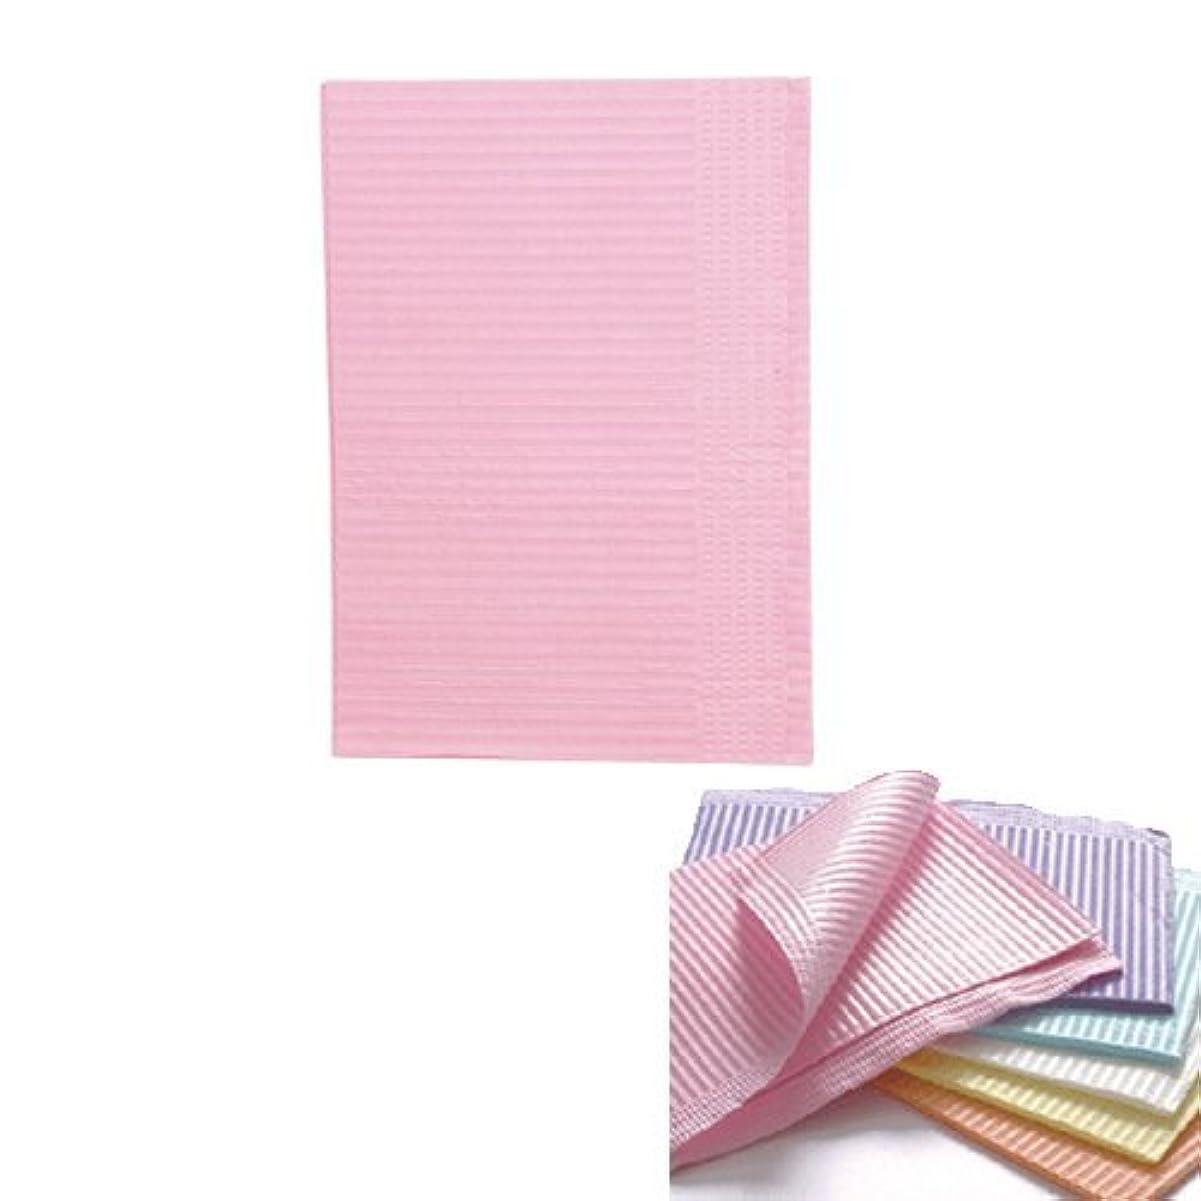 速度スラッシュ素晴らしきネイル 防水ペーパー/裏面防水ネイルシート 50枚 ピンク